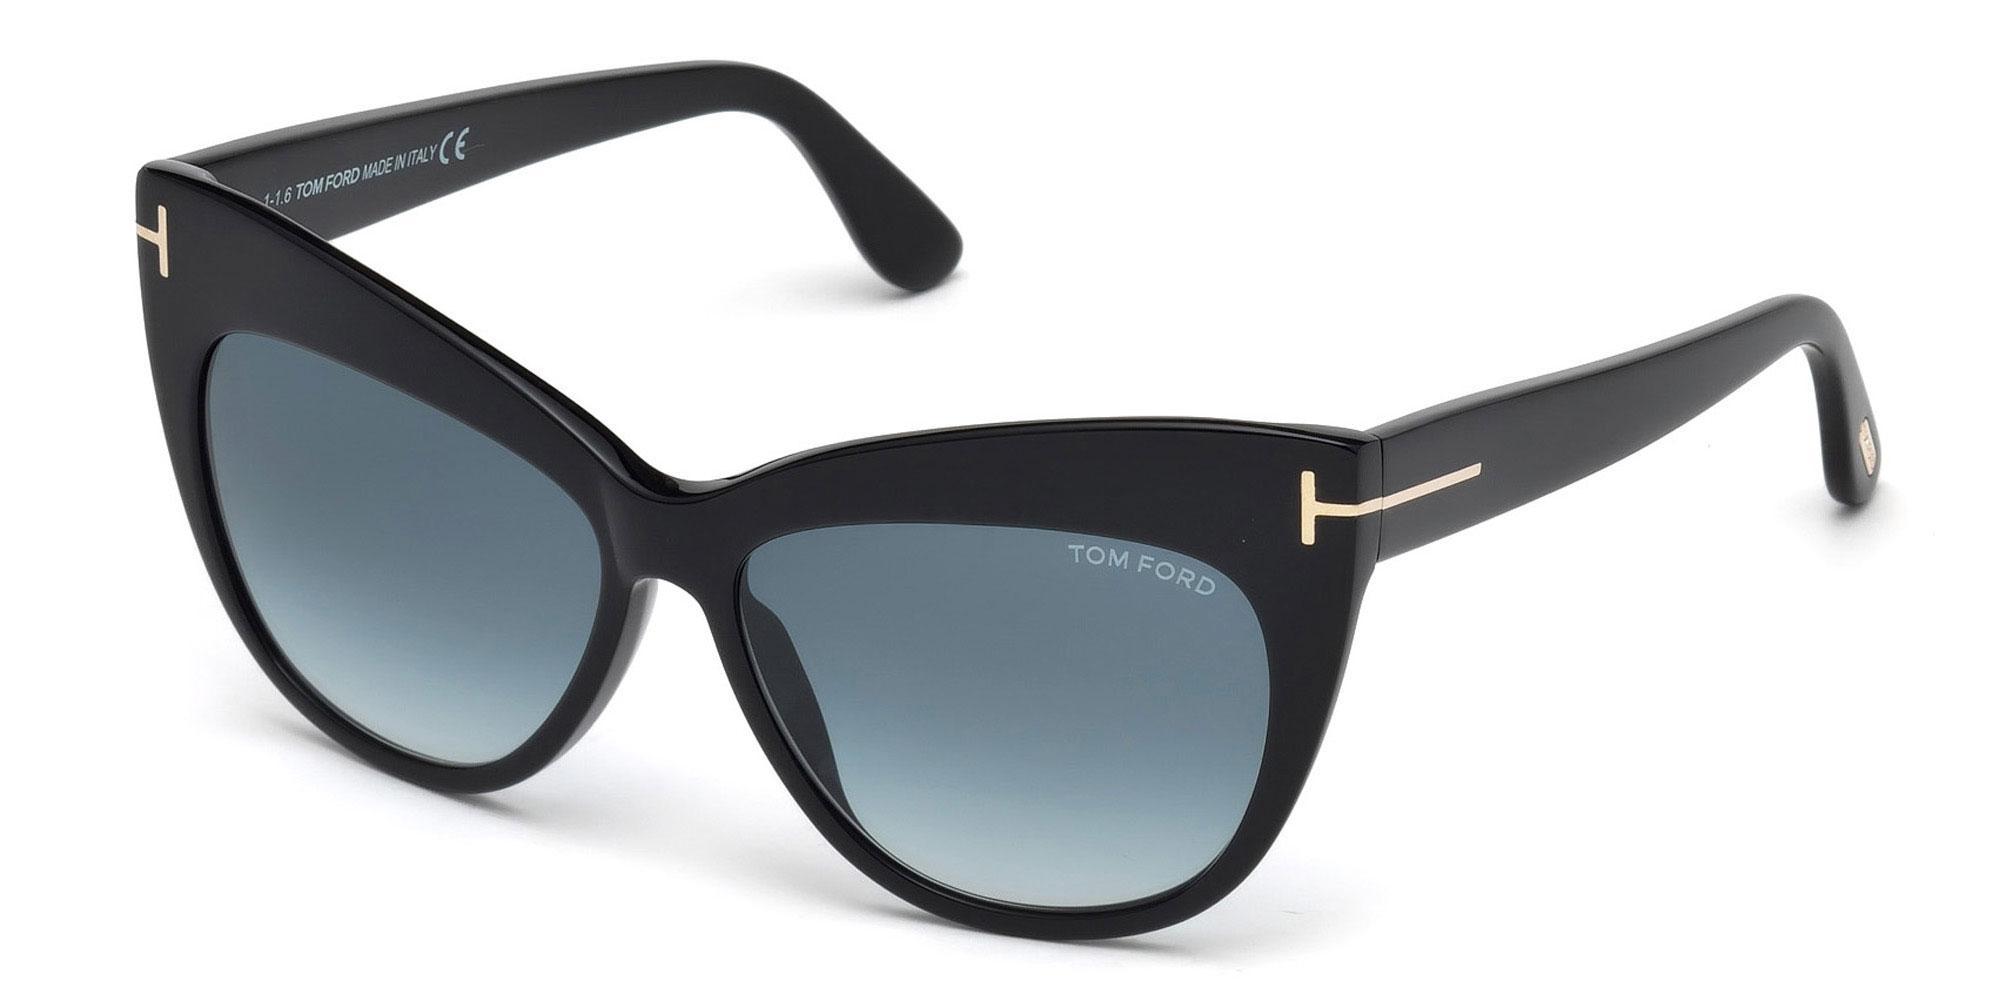 01W FT0523 Sunglasses, Tom Ford